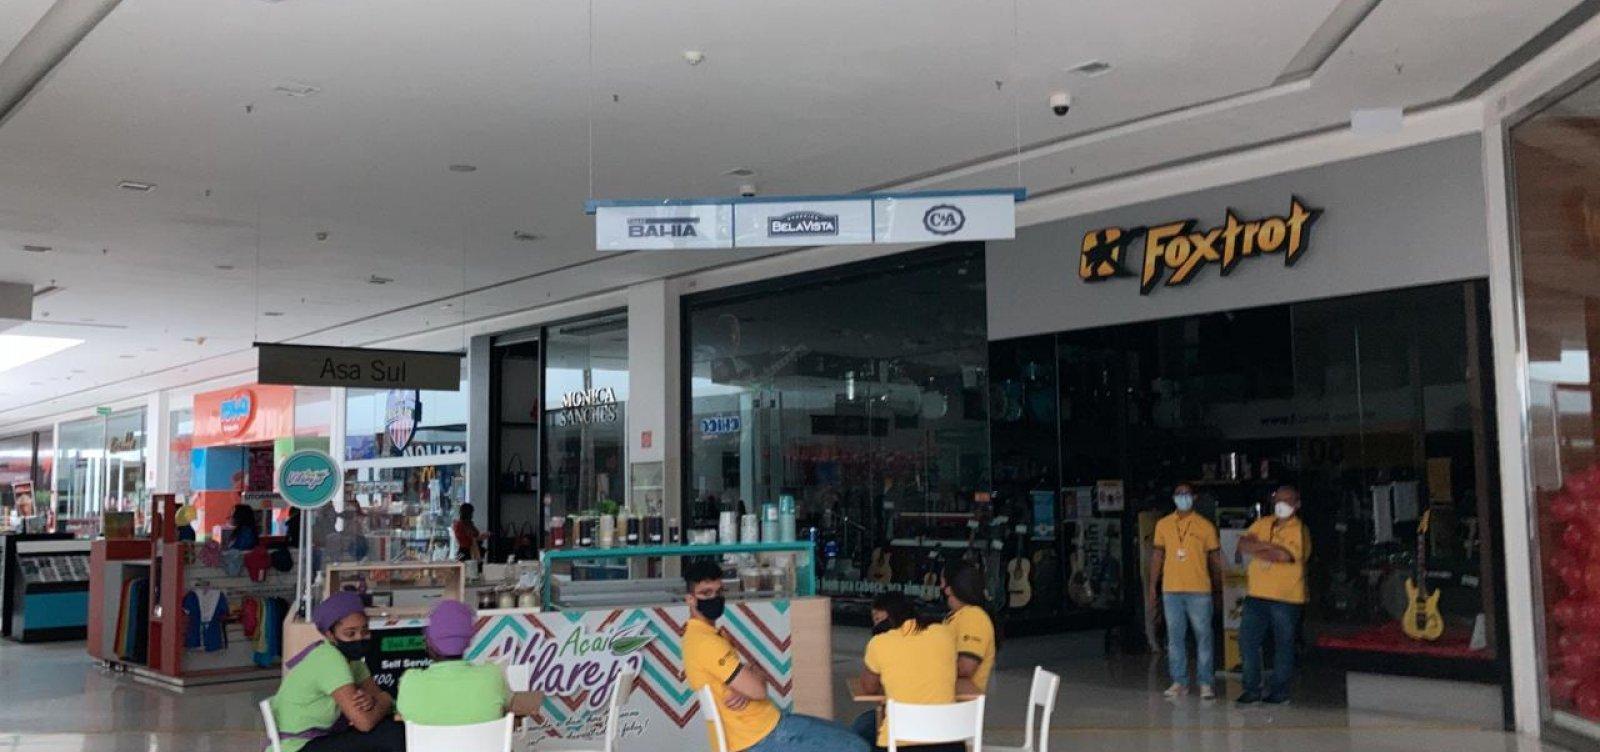 """Moradores relatam estrondo após queda de energia no Shopping Bela Vista: """"Explosão"""""""